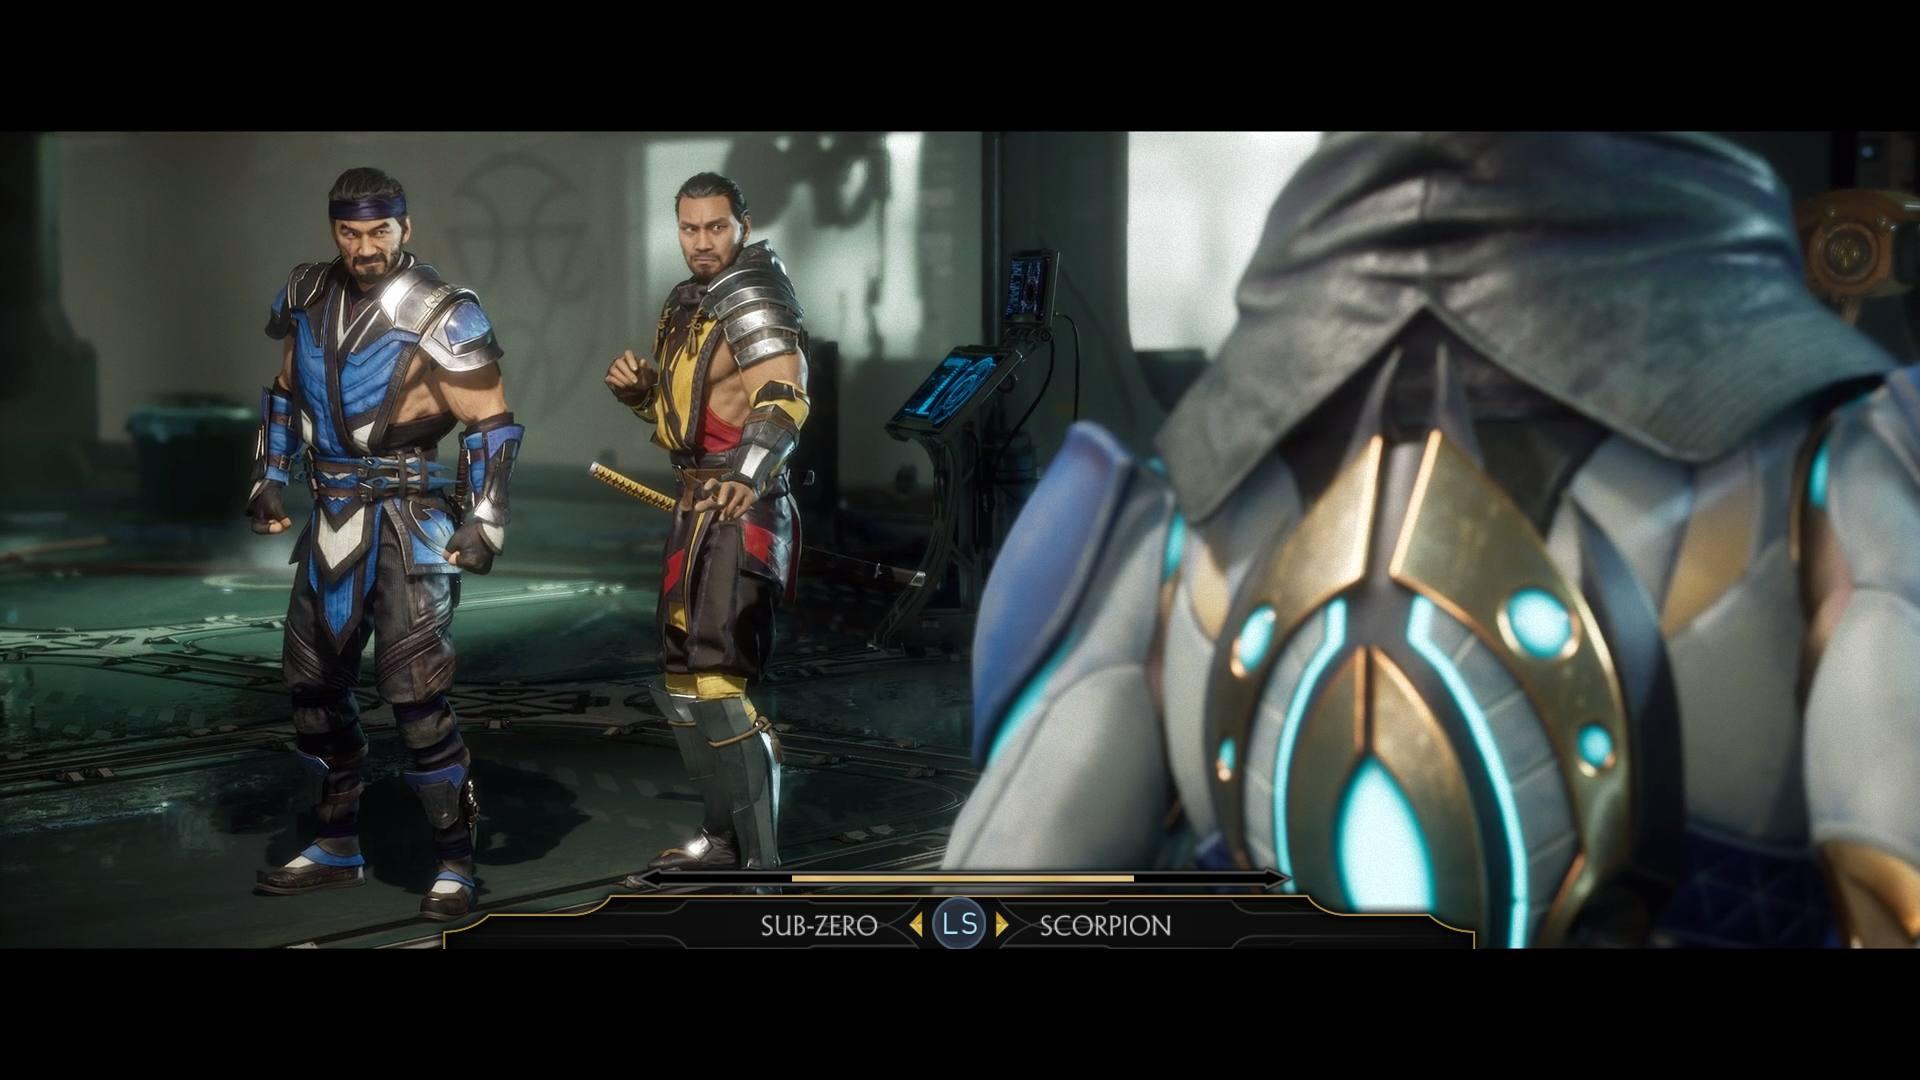 Mortal Kombat 11 Sub-Zero and Scorpion Story Choice